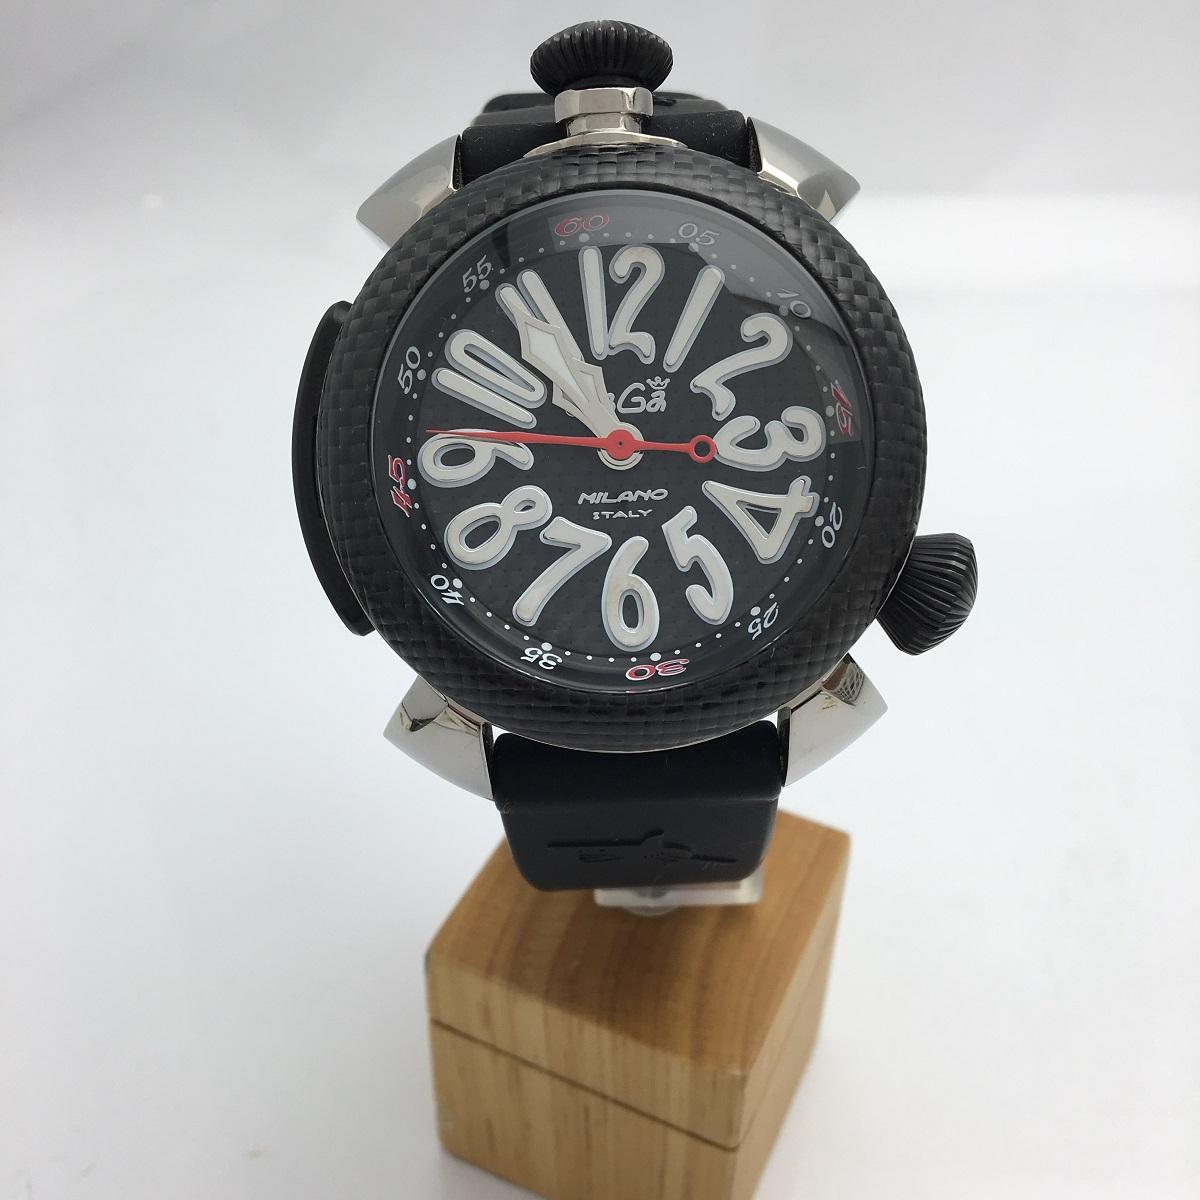 ガガミラノ GaGa MILANO ダイビング48mm 自動巻き チタンケースカーボンベゼル 保証書 専用箱 メンズ 腕時計 送料無料 【トレジャースポット】 【中古】